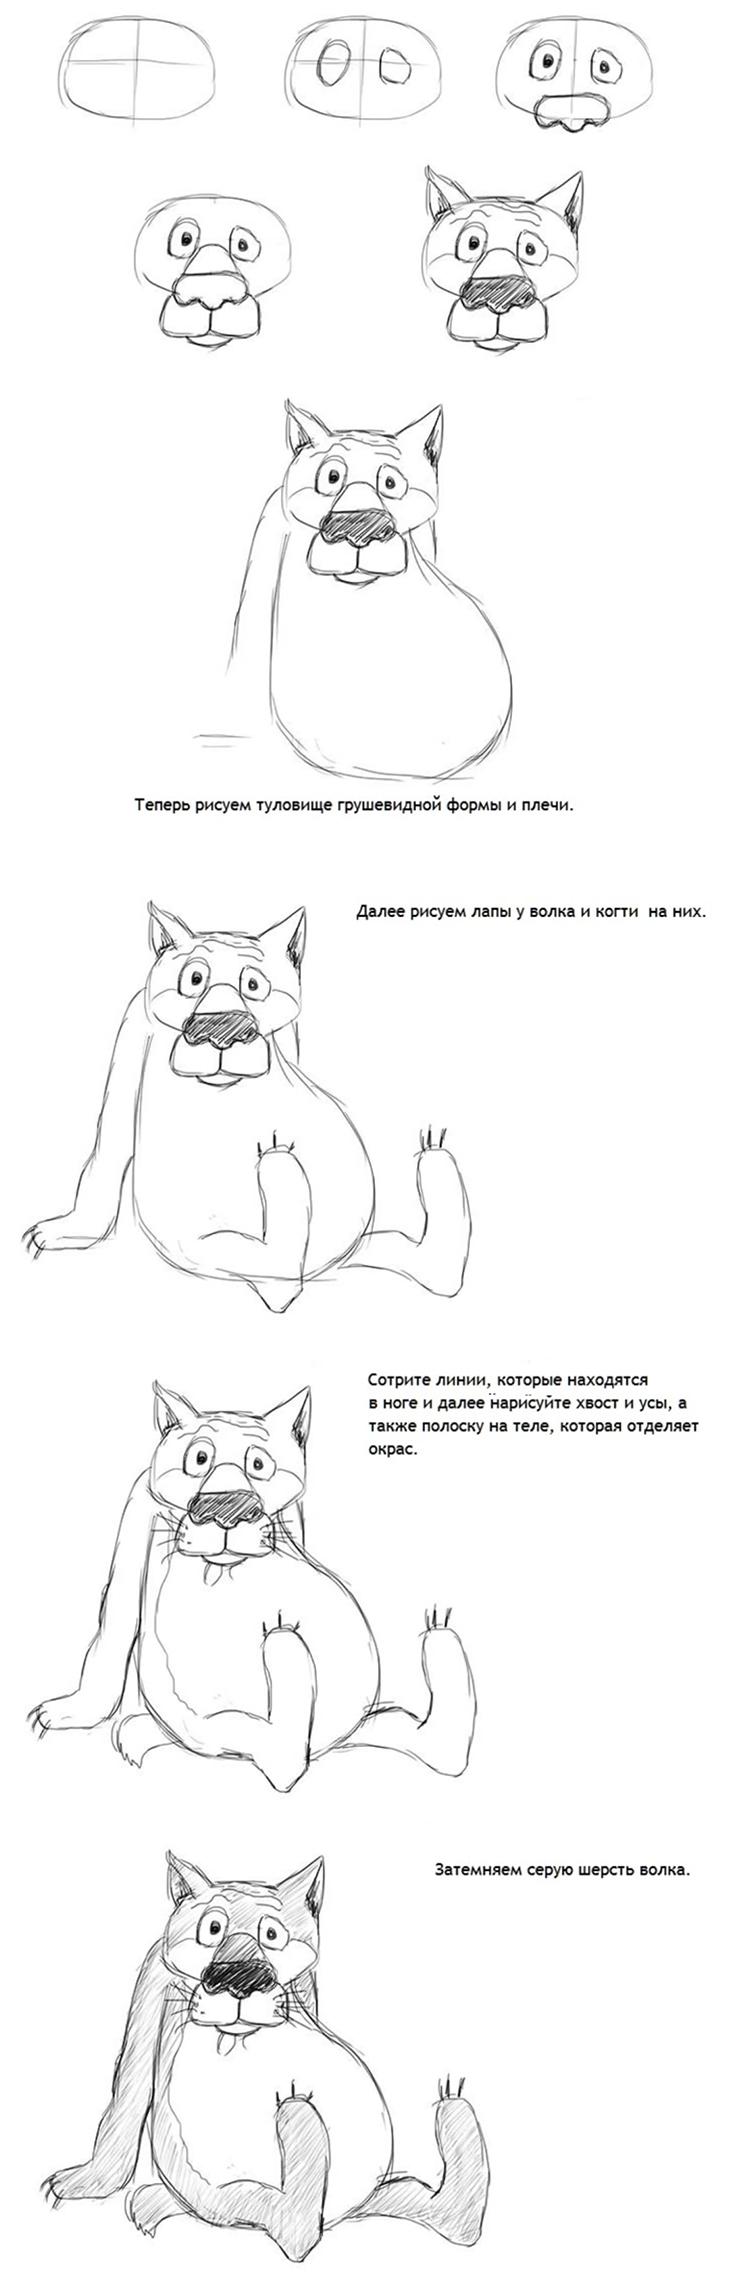 волк из мультфильма